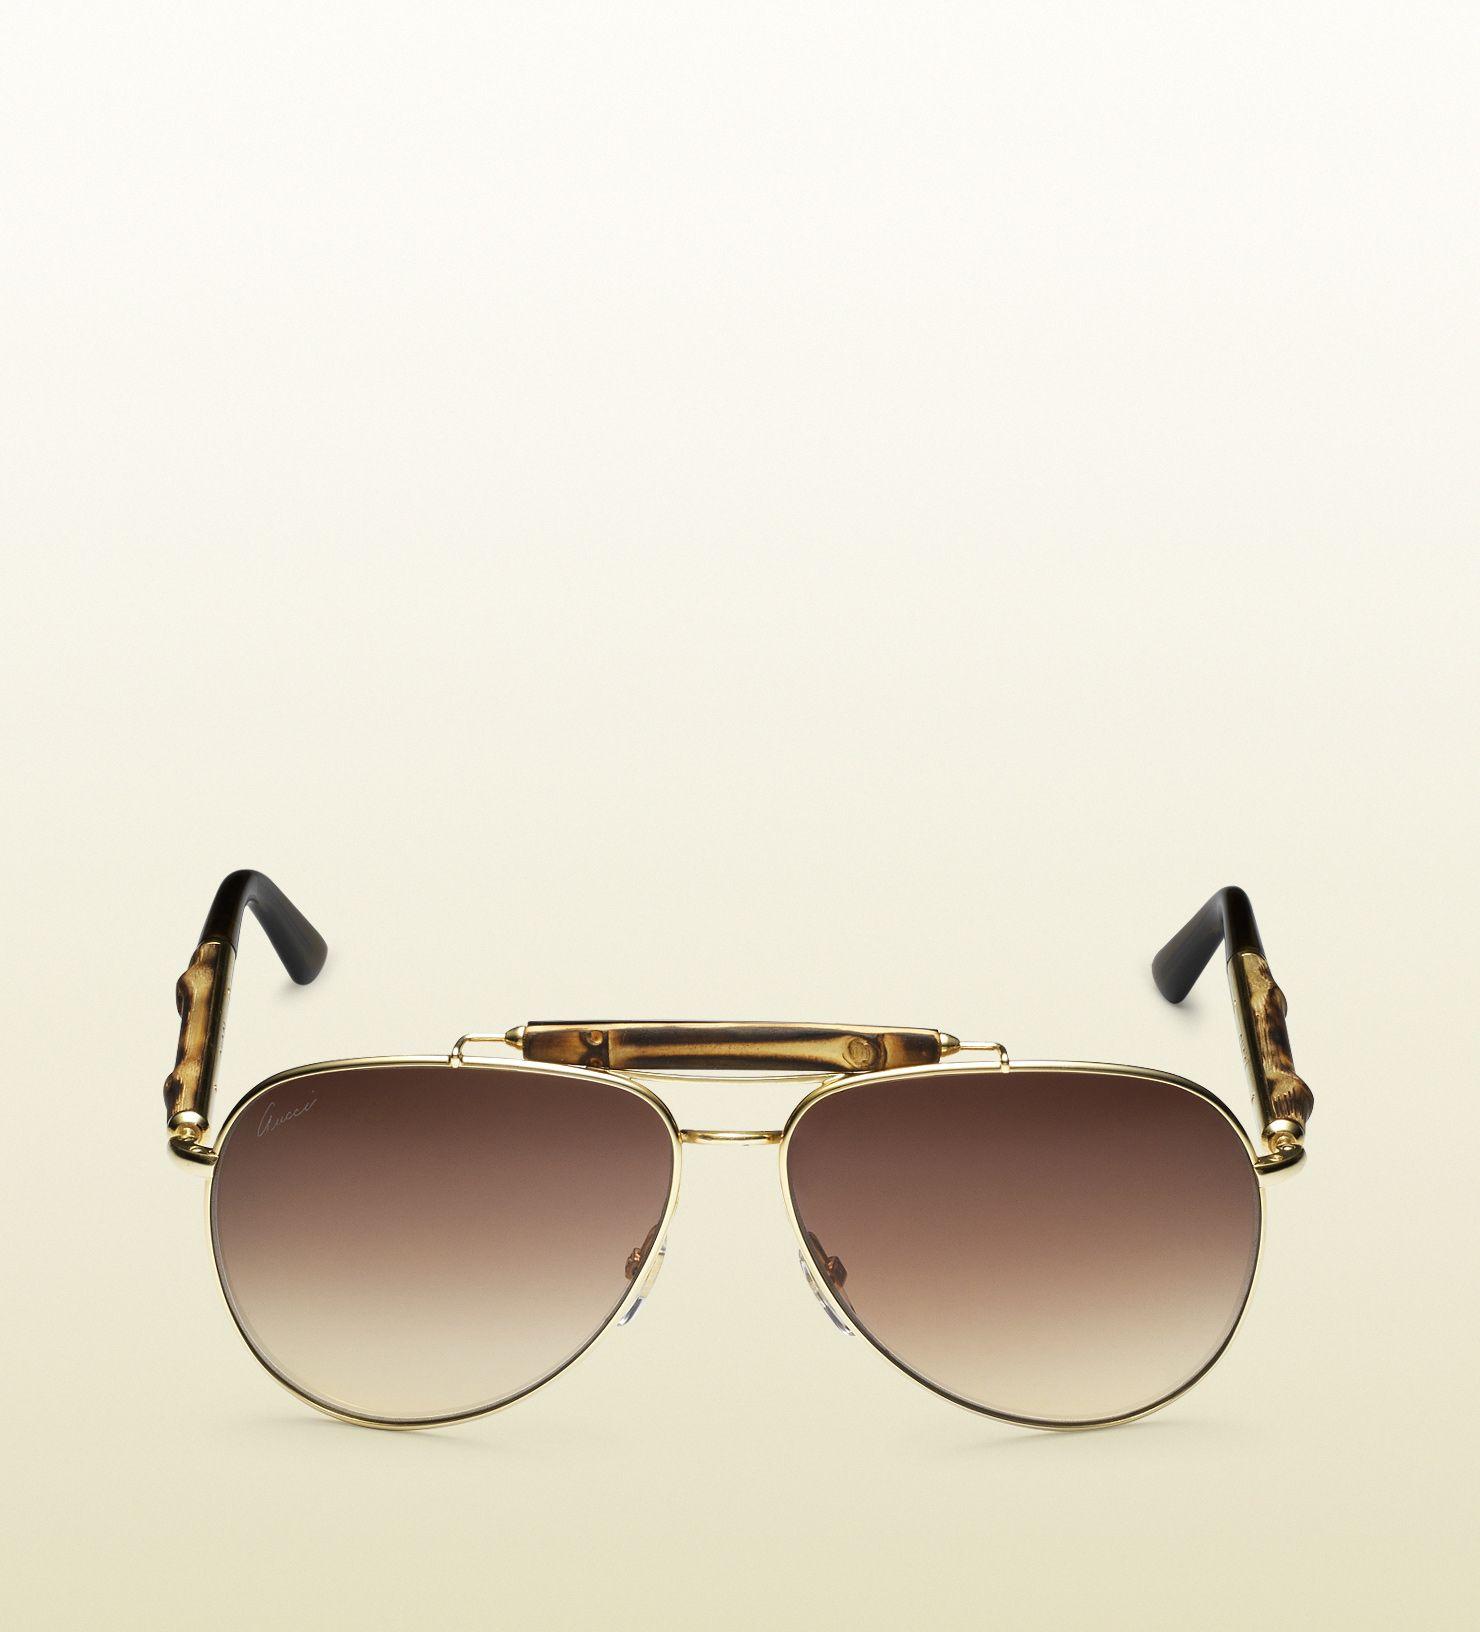 b442e1129e6 GUCCI Bamboo Aviator Sunglasses